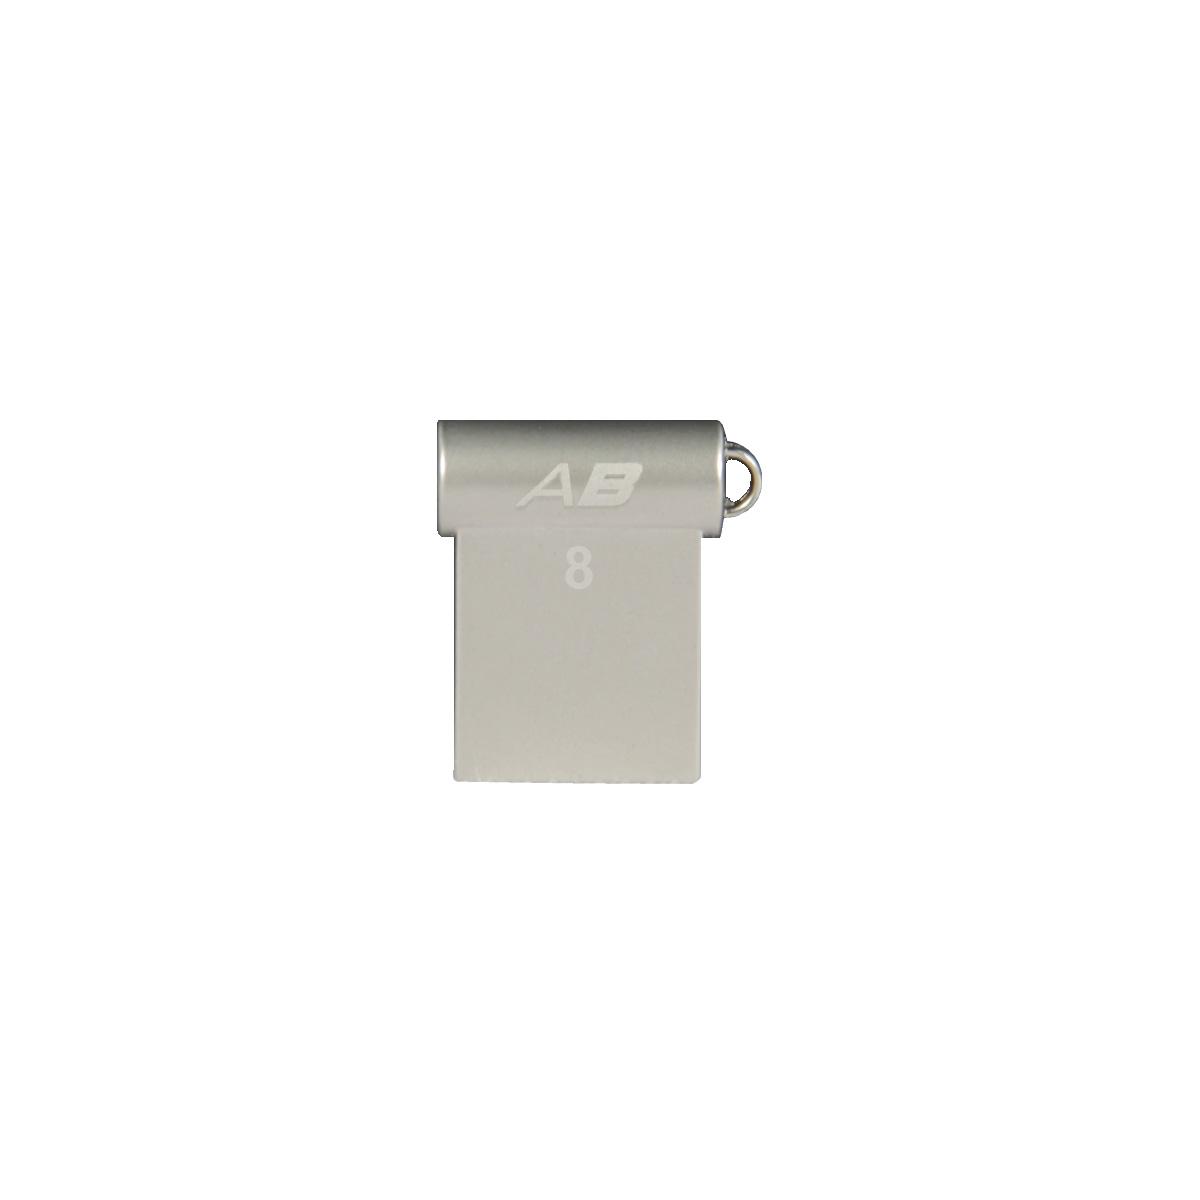 Pen Drive 8GB Autobahn USB 2.0 PSF8GLSABUSB - Patriot